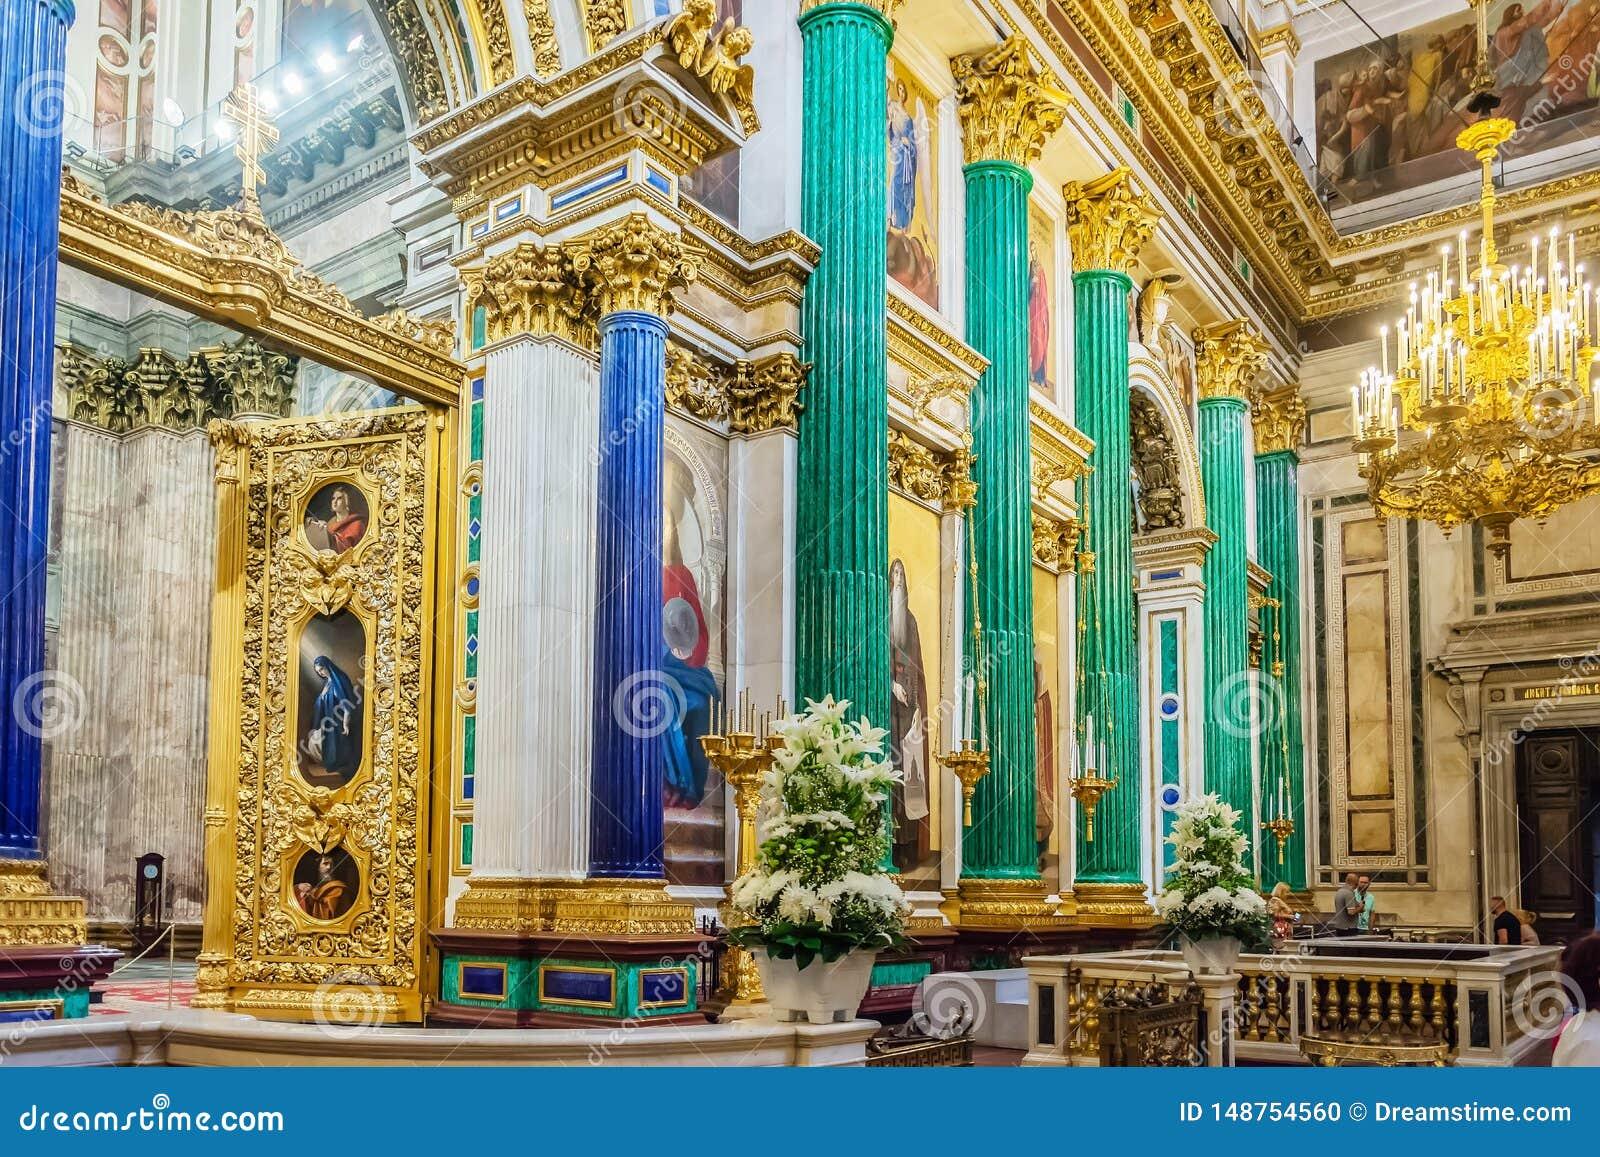 Innenausstattung von Kathedrale St. Isaacs, St Petersburg, Russland